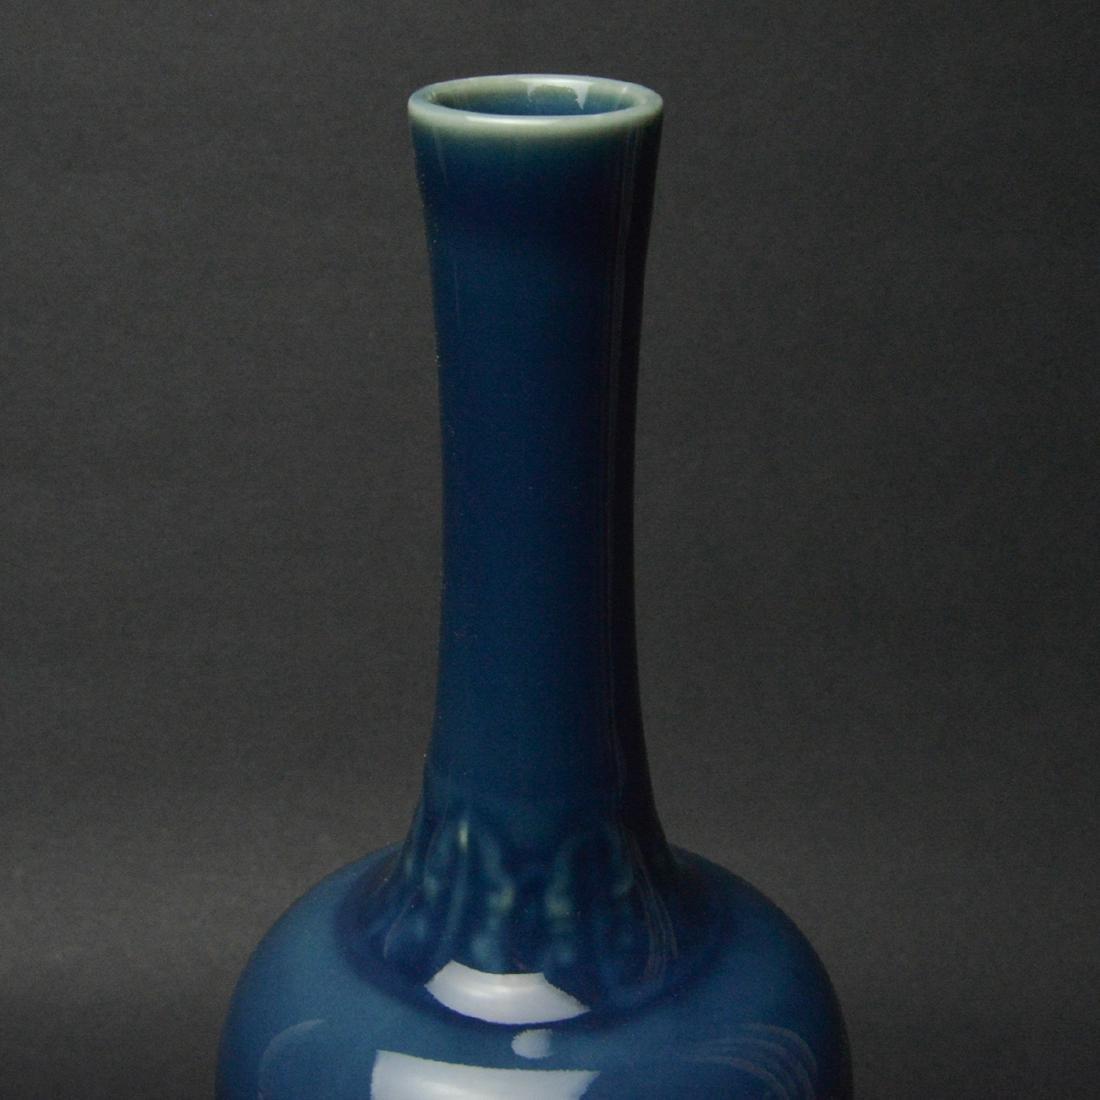 CHINESE BLUE GLAZED PORCELAIN VASE - 5